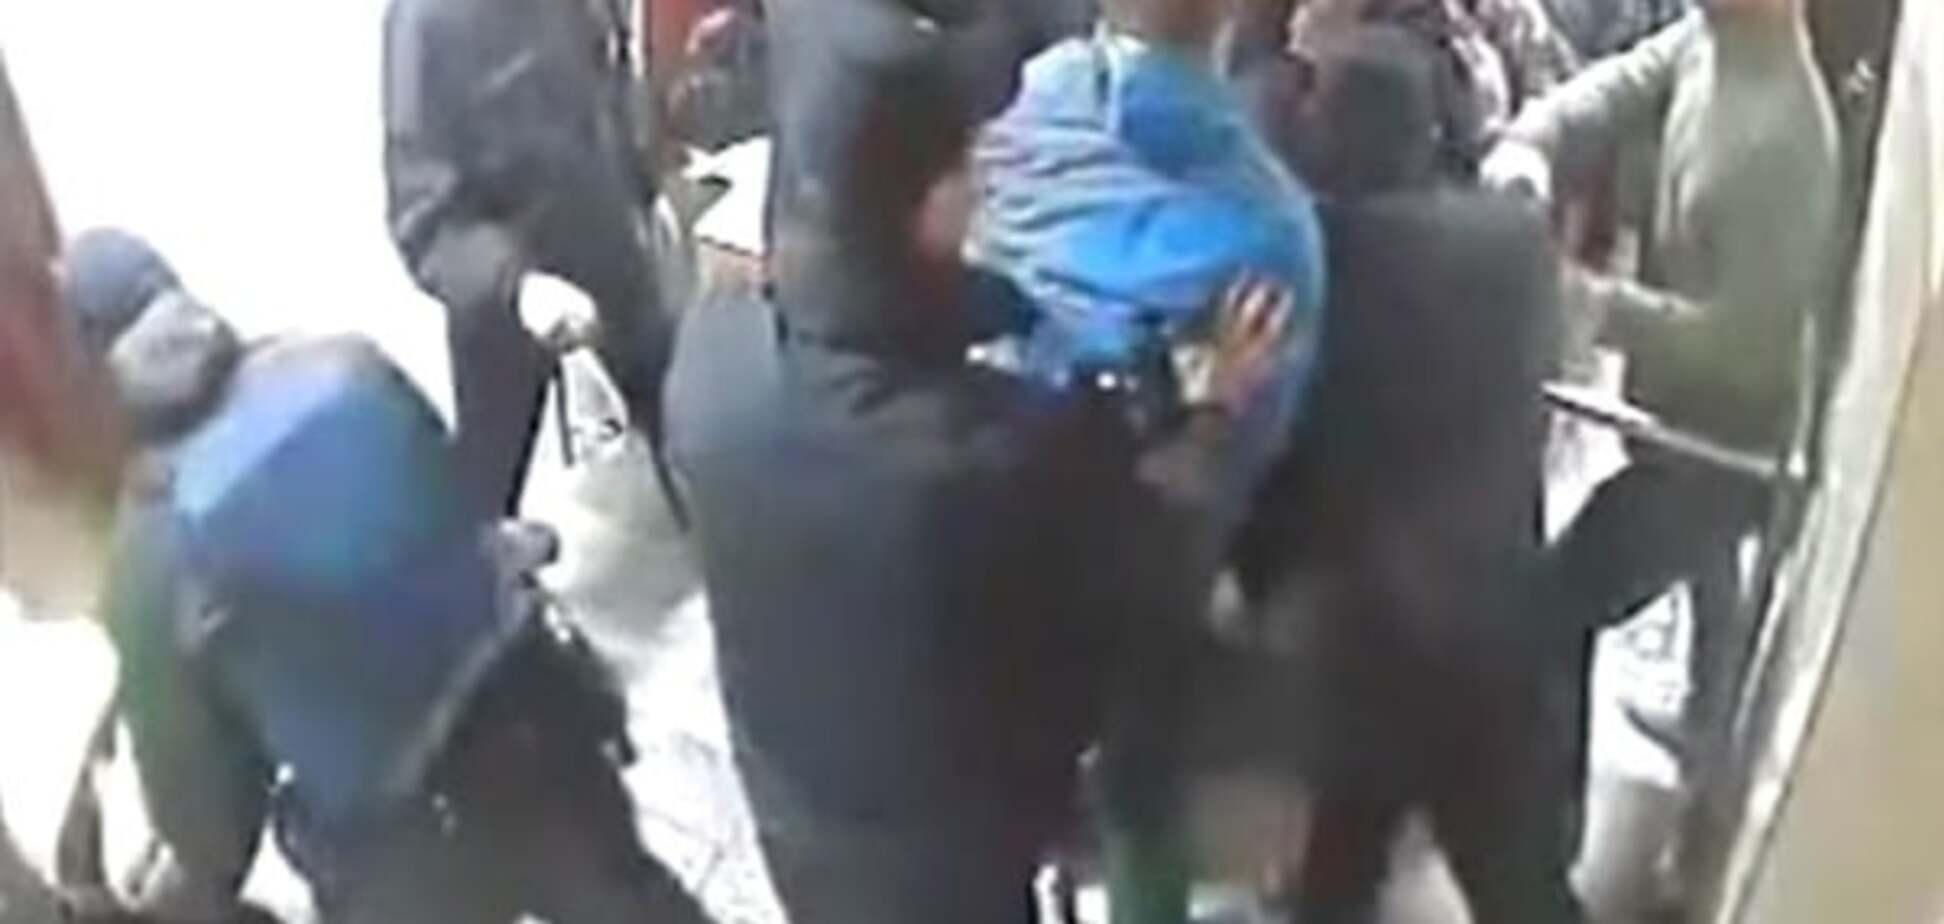 Опубліковано відео штурму молодчиками поліцейської дільниці в Києві